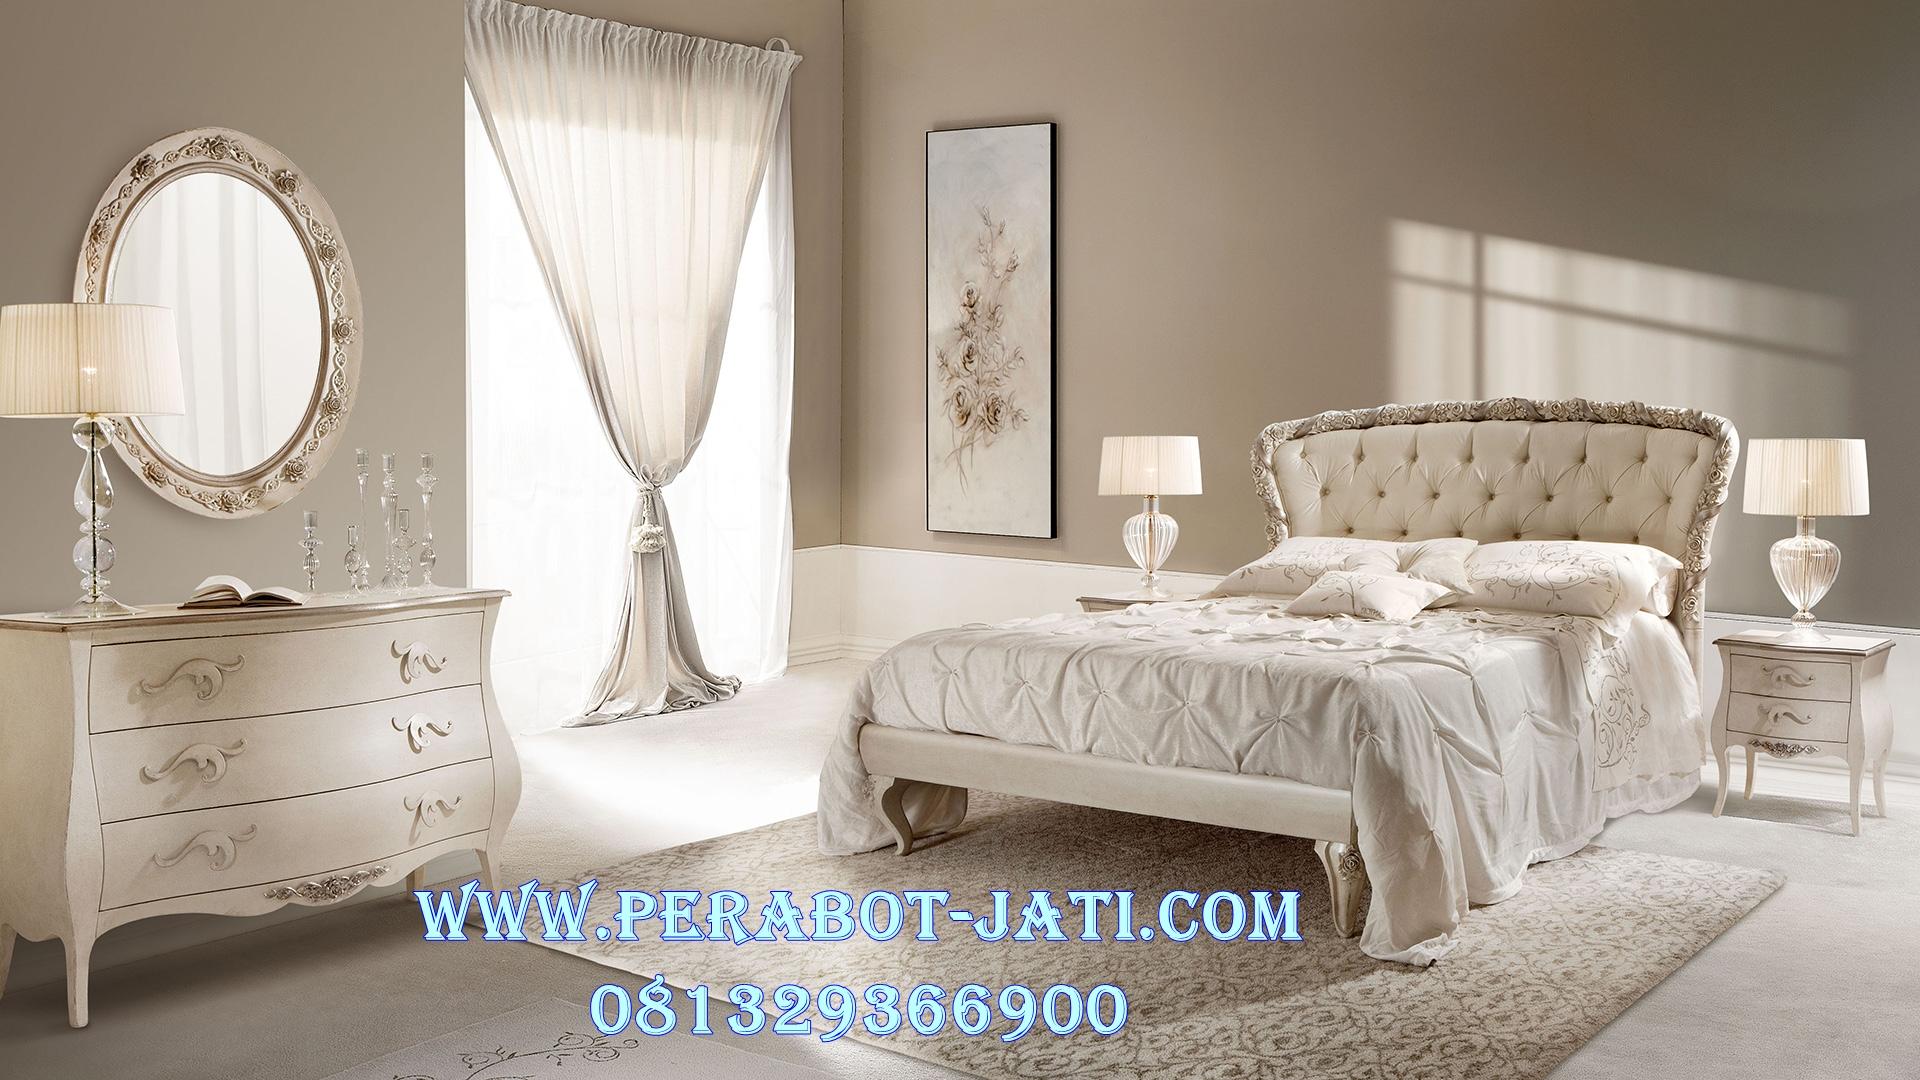 Tempat Tidur Minimalis Klasik Monte